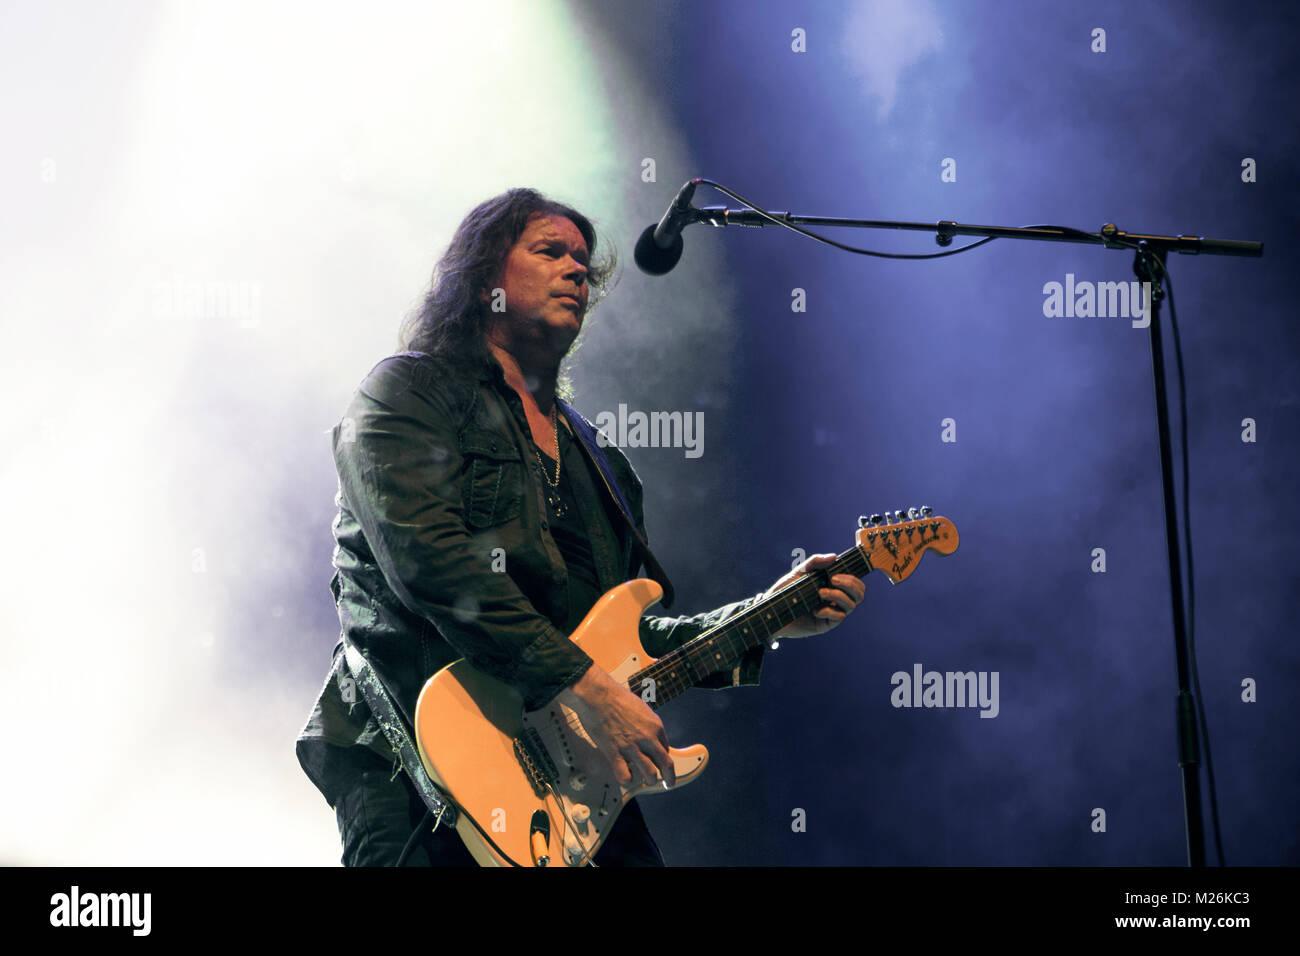 guitarist søger band